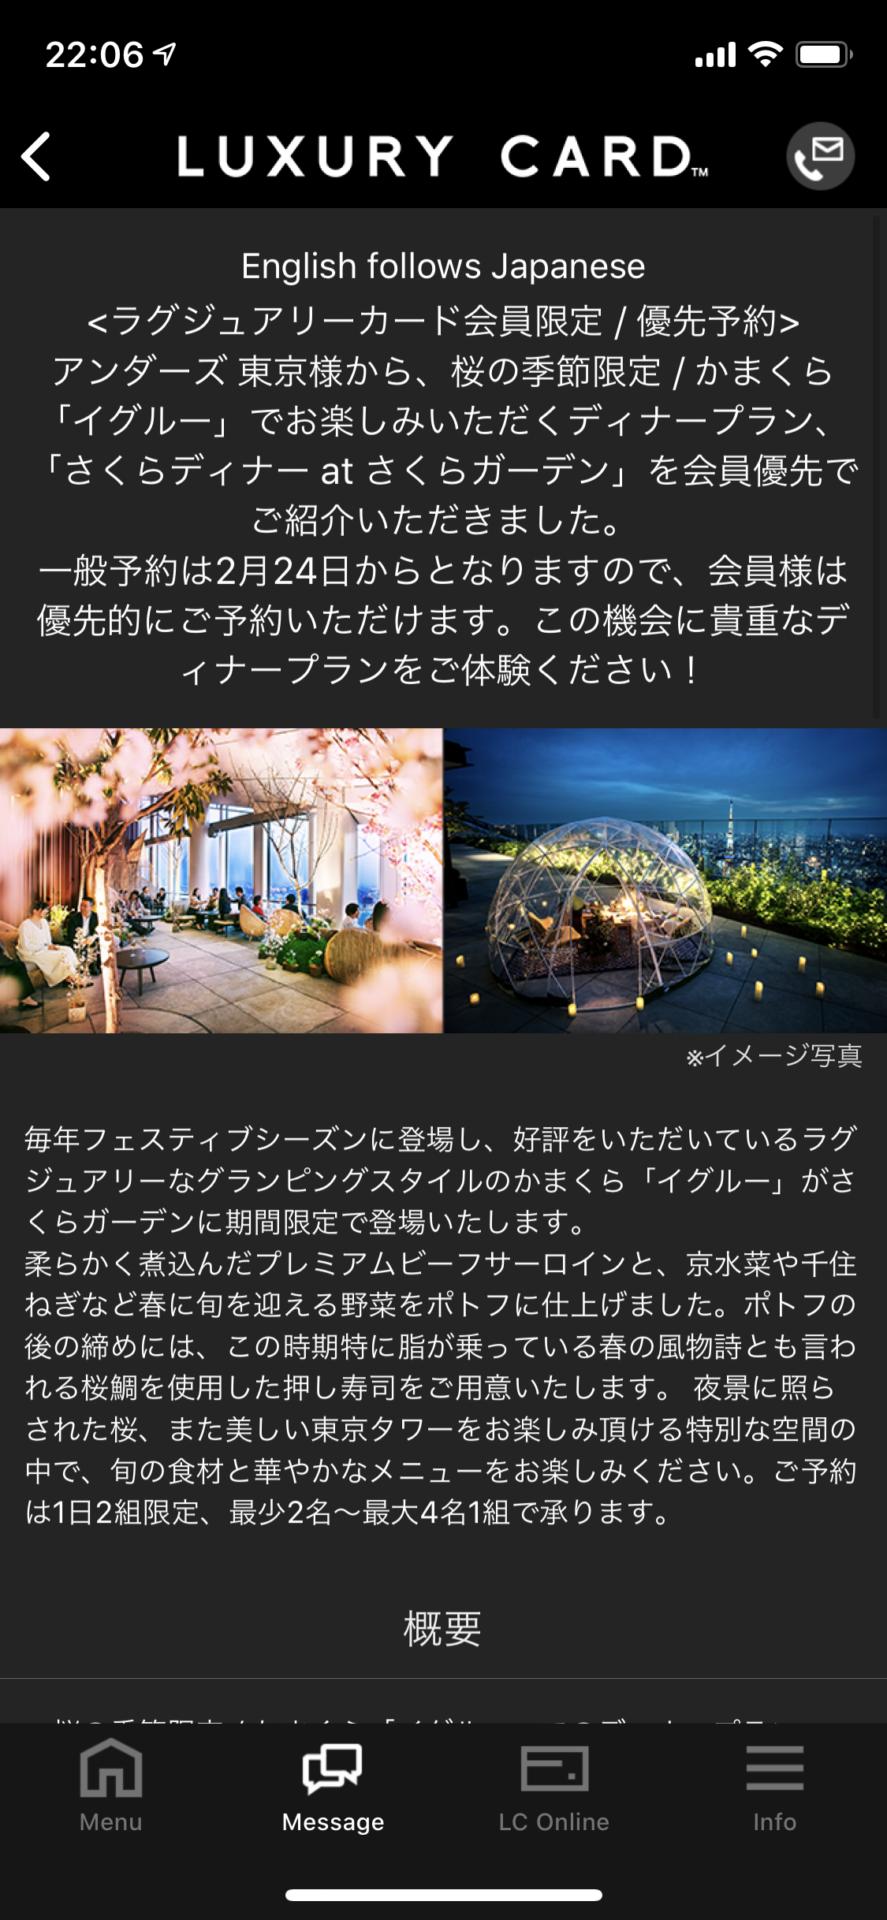 アンダーズ東京の「さくらディナー at さくらガーデン」